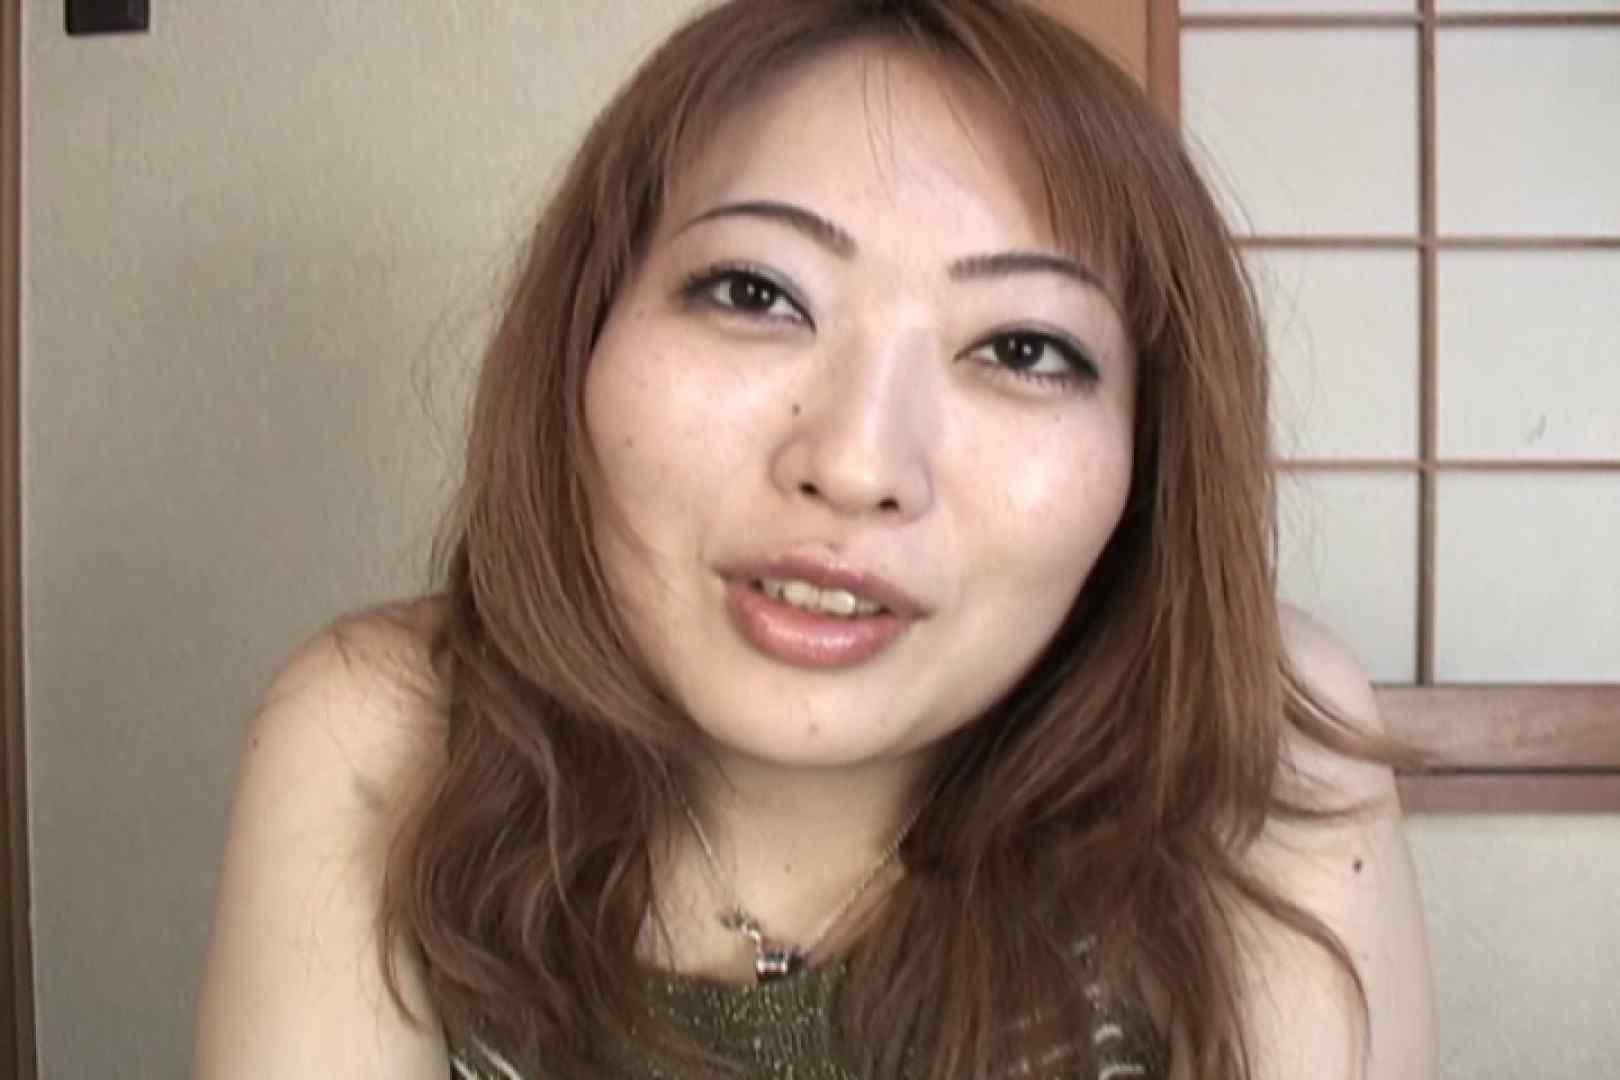 仕事で月200本のチンポを相手する22歳若人妻~桜井あい~ エッチな熟女  75pic 64